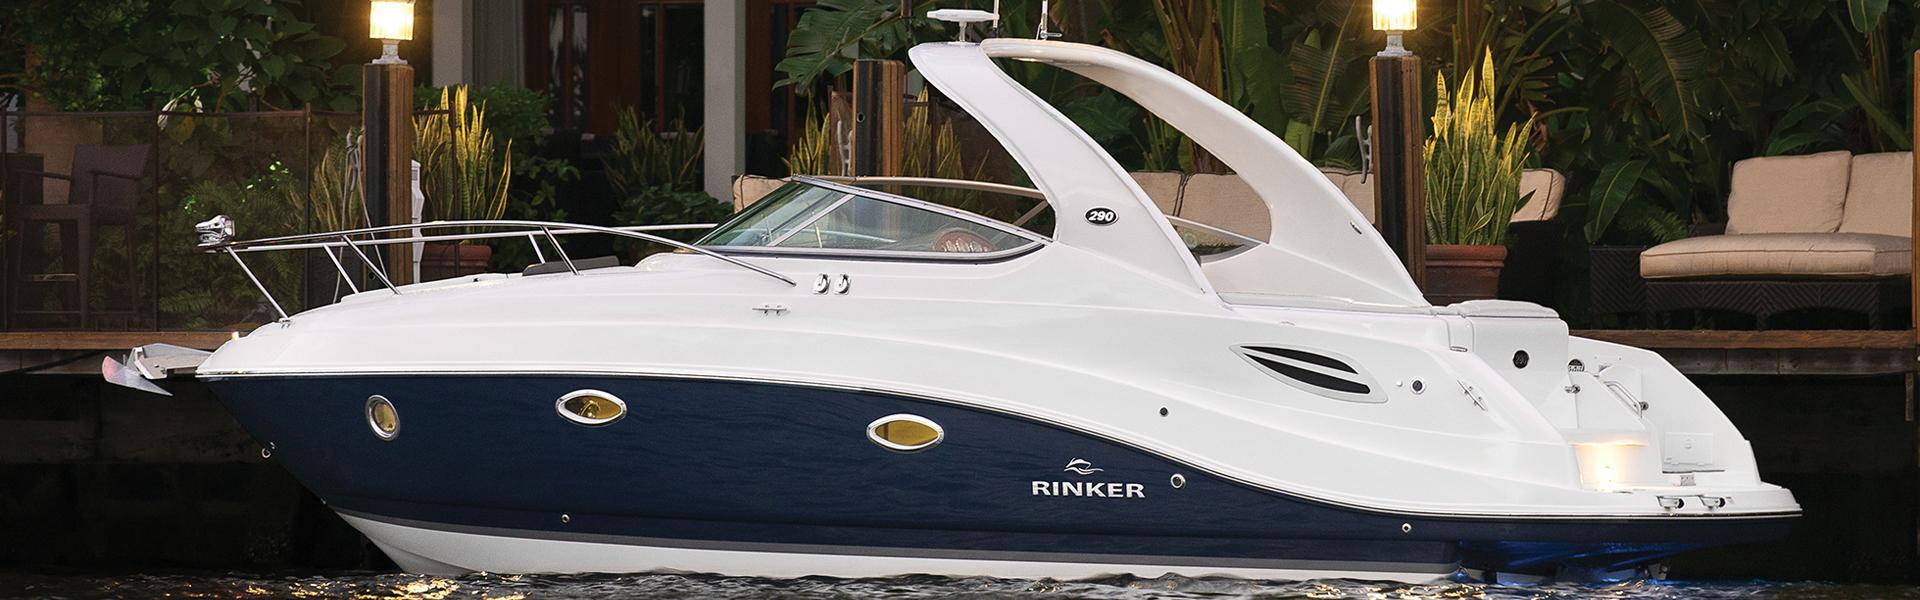 rinker boats for sale smithville missouri